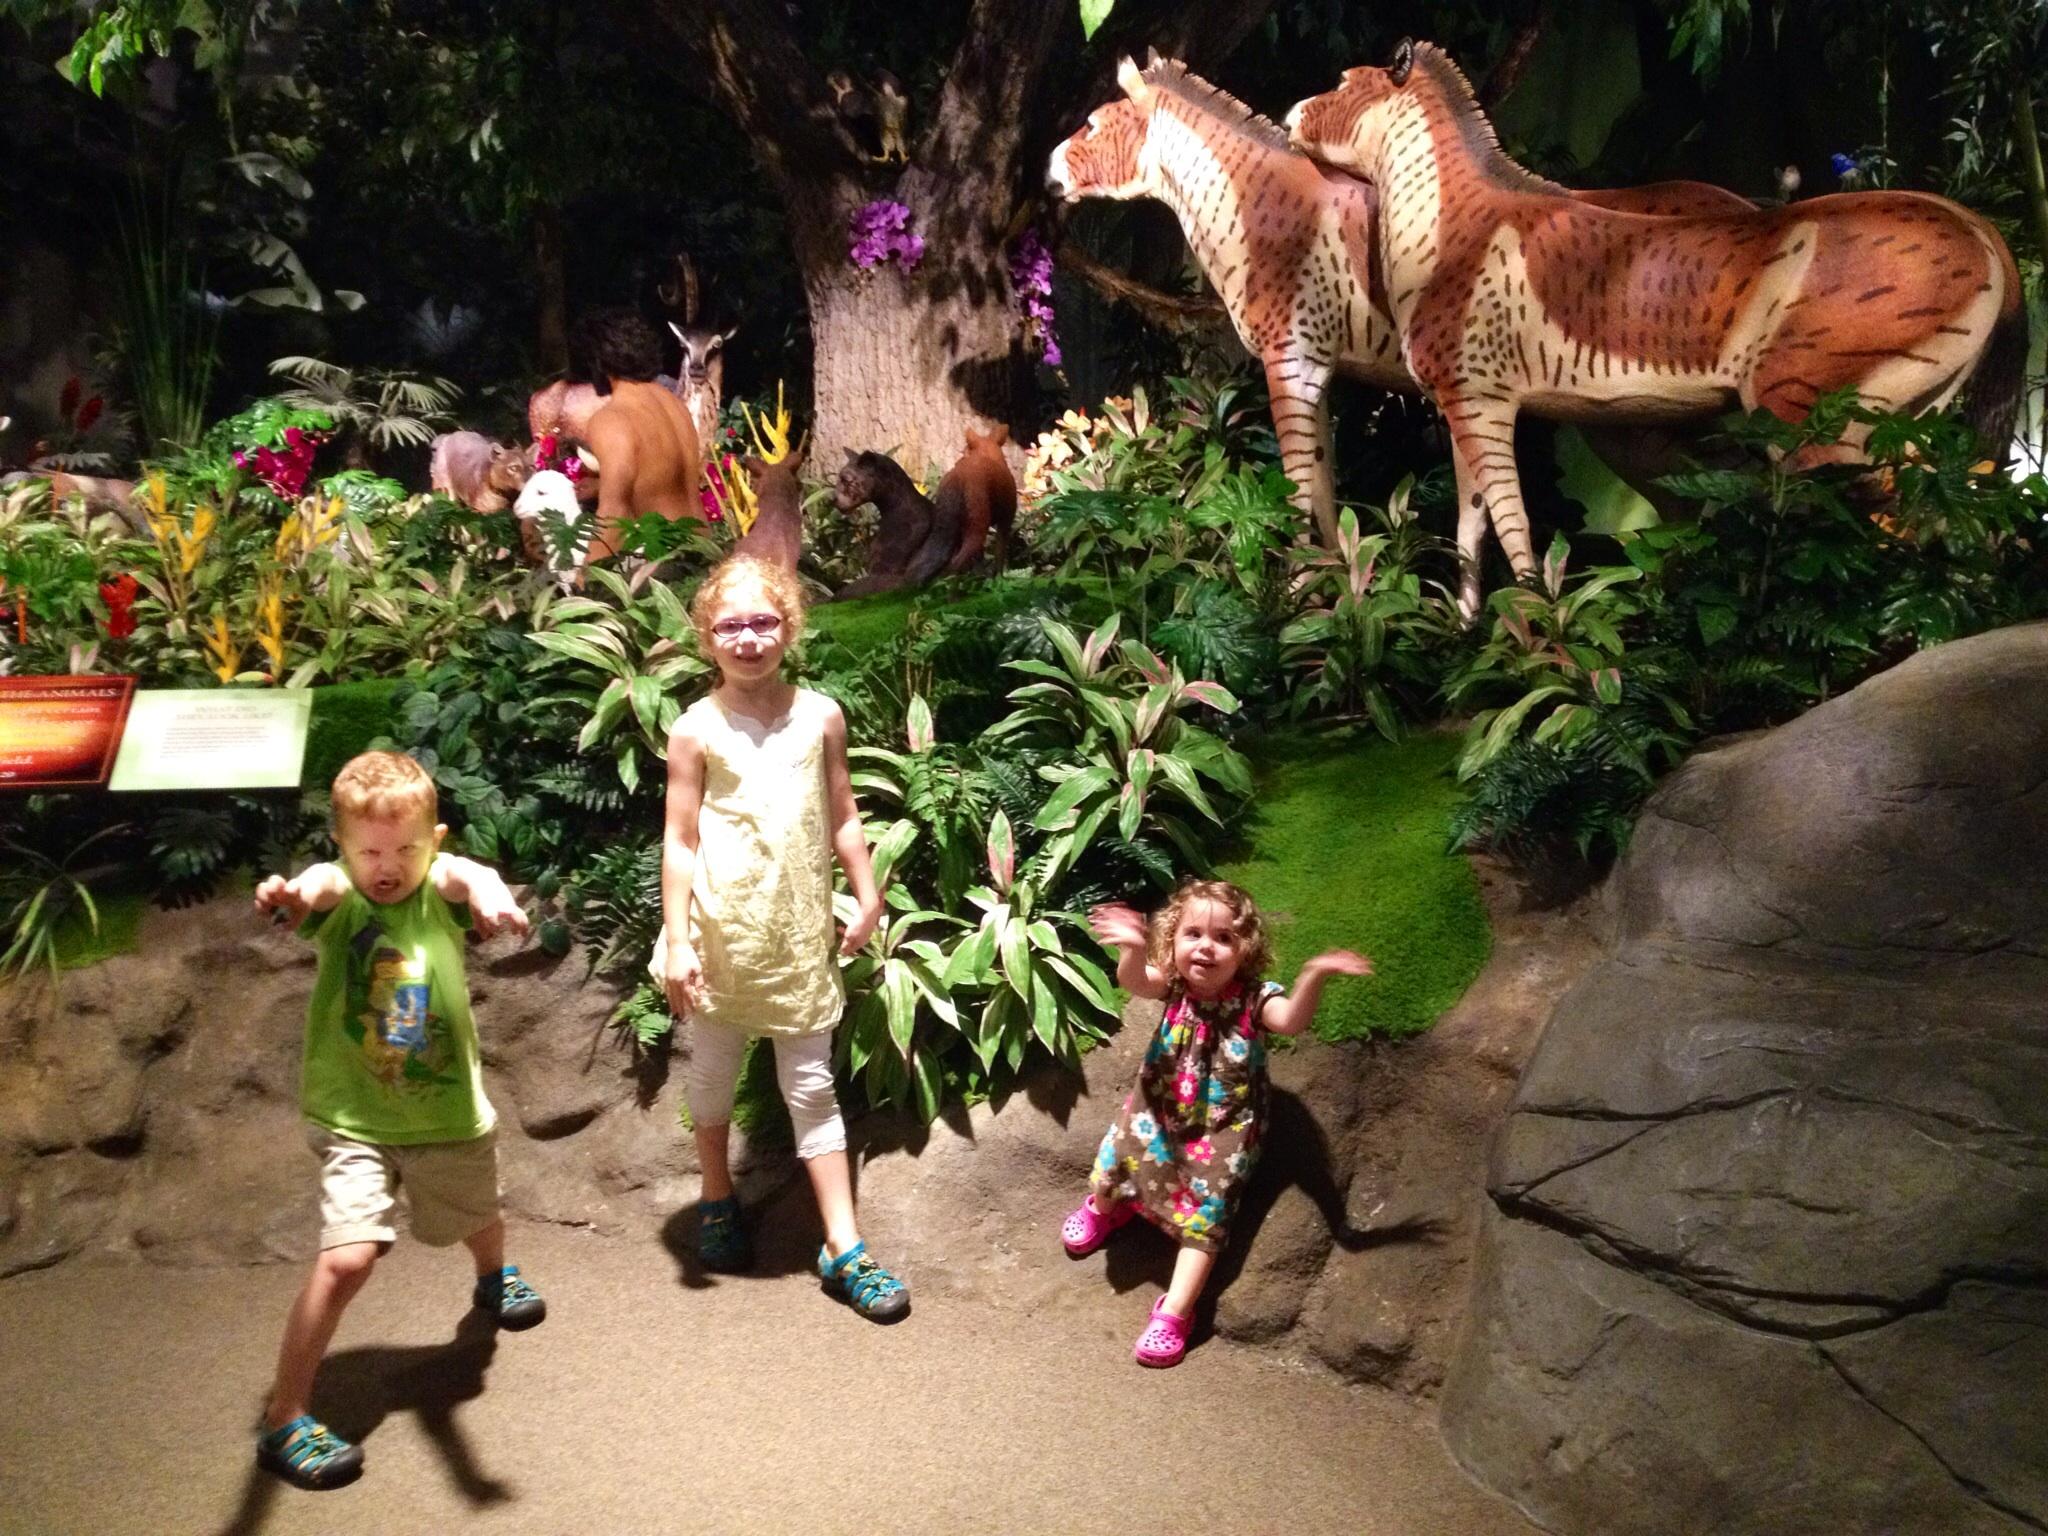 Kids in the Garden of Eden